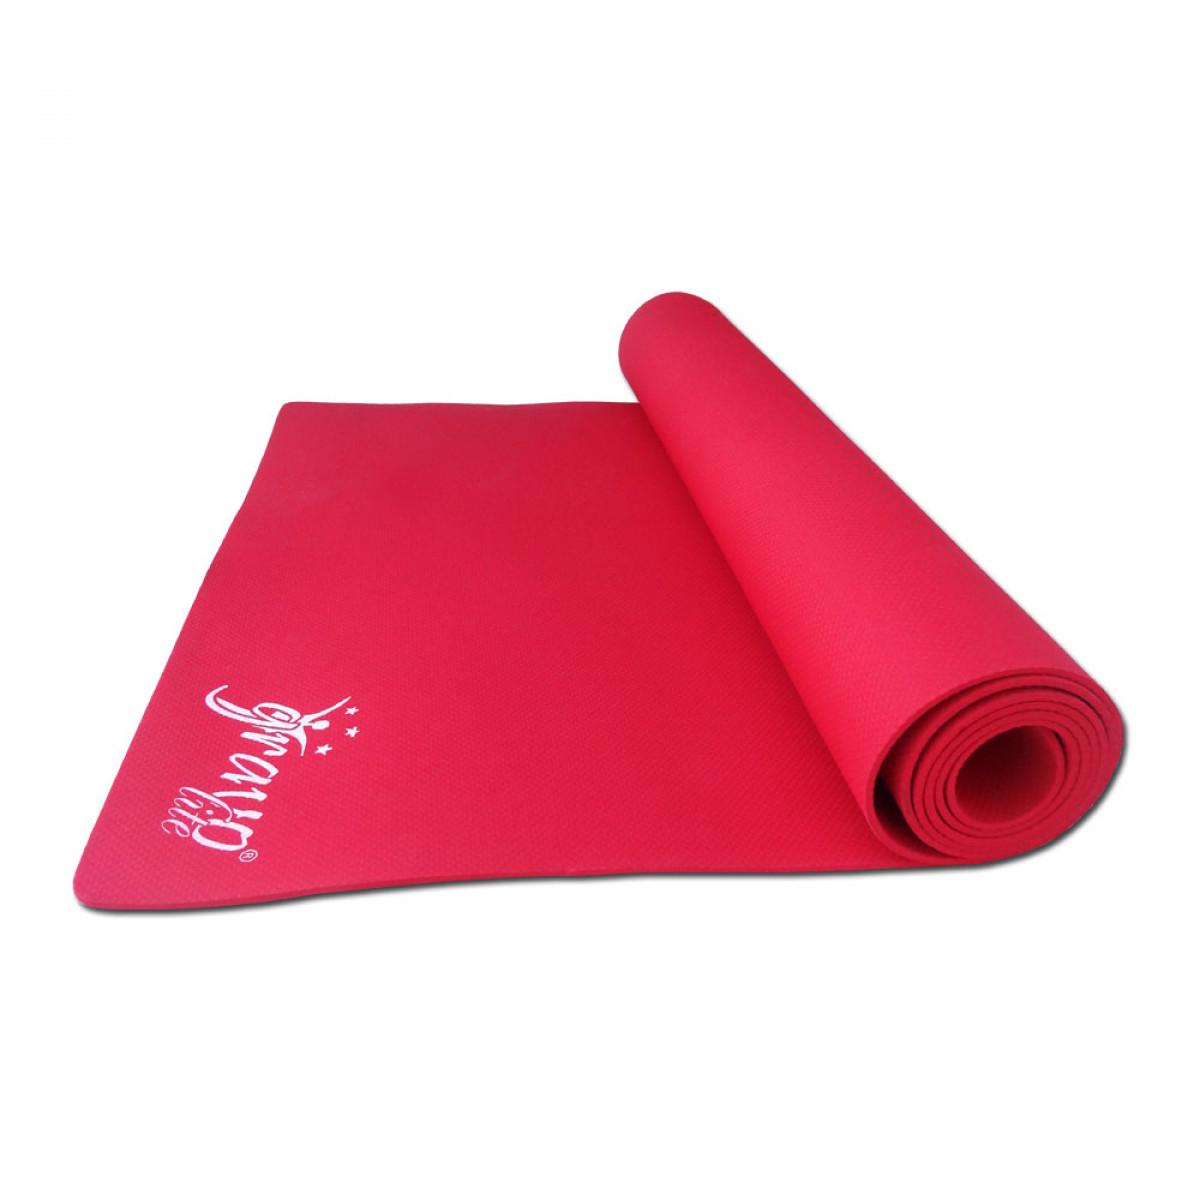 Yoga Mats - Premium (With Cover & Anti Skid Design)